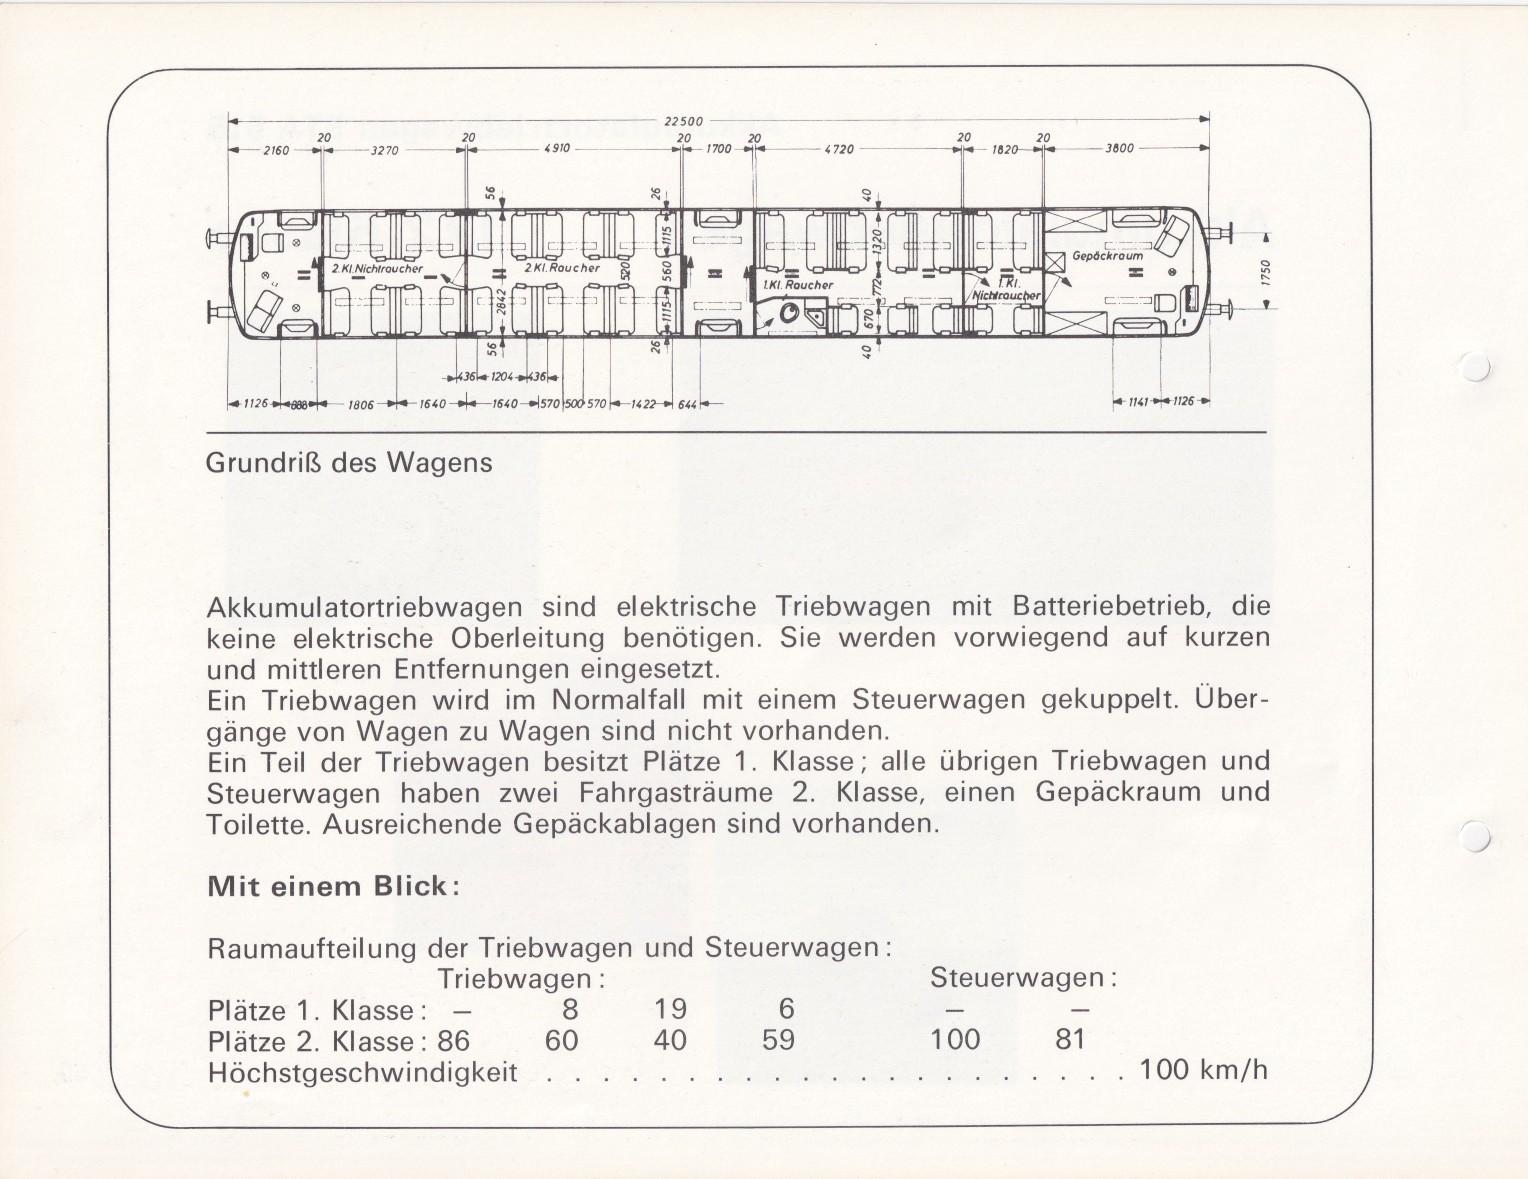 https://www.nullclub.de/hifo/Fahrzeuglexikon/Wagen50b.jpg